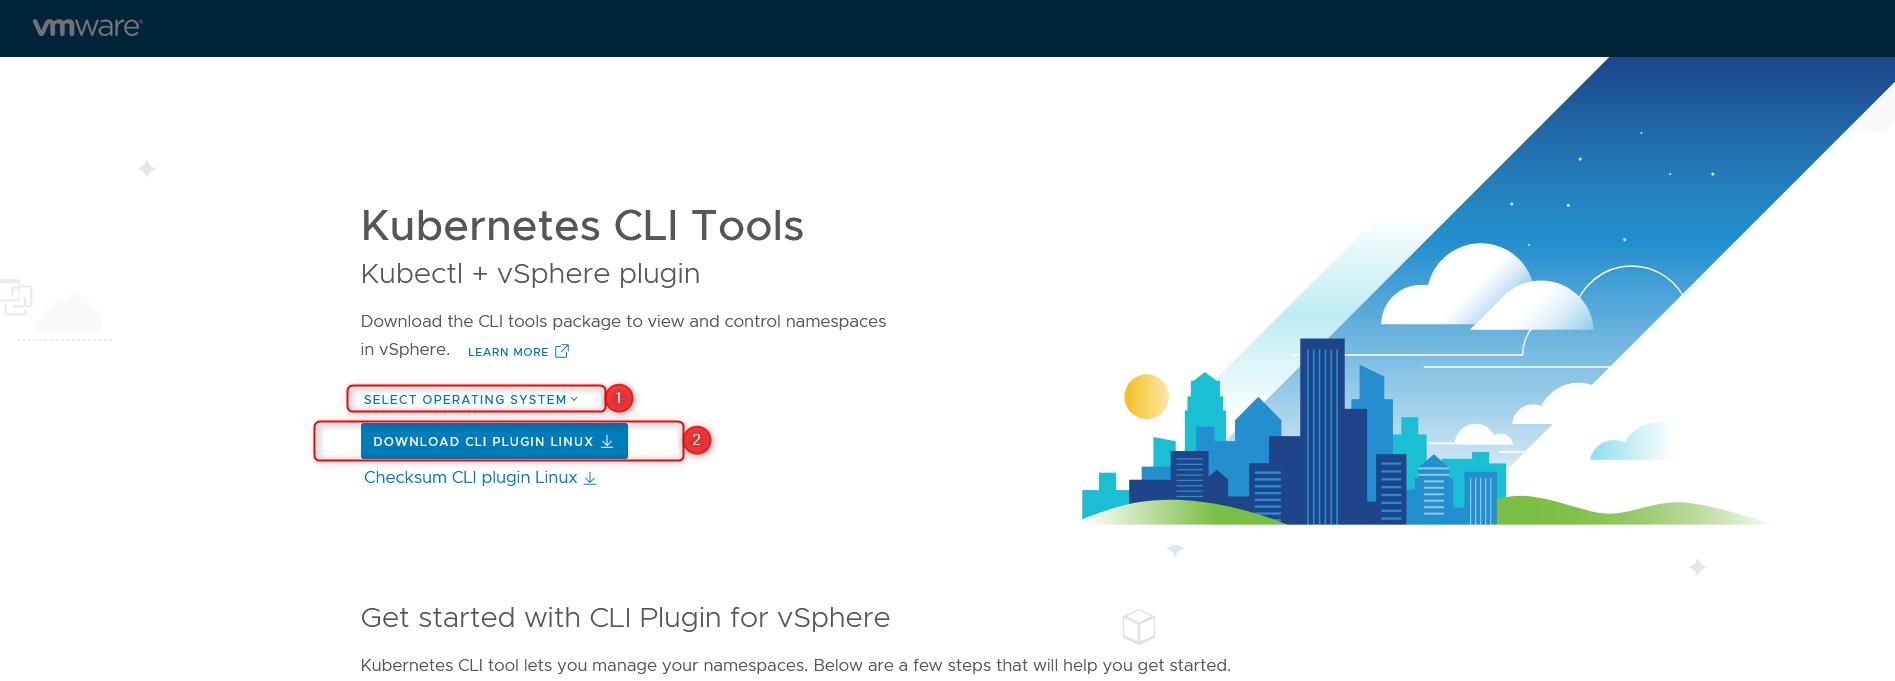 create tkg cluster step 2